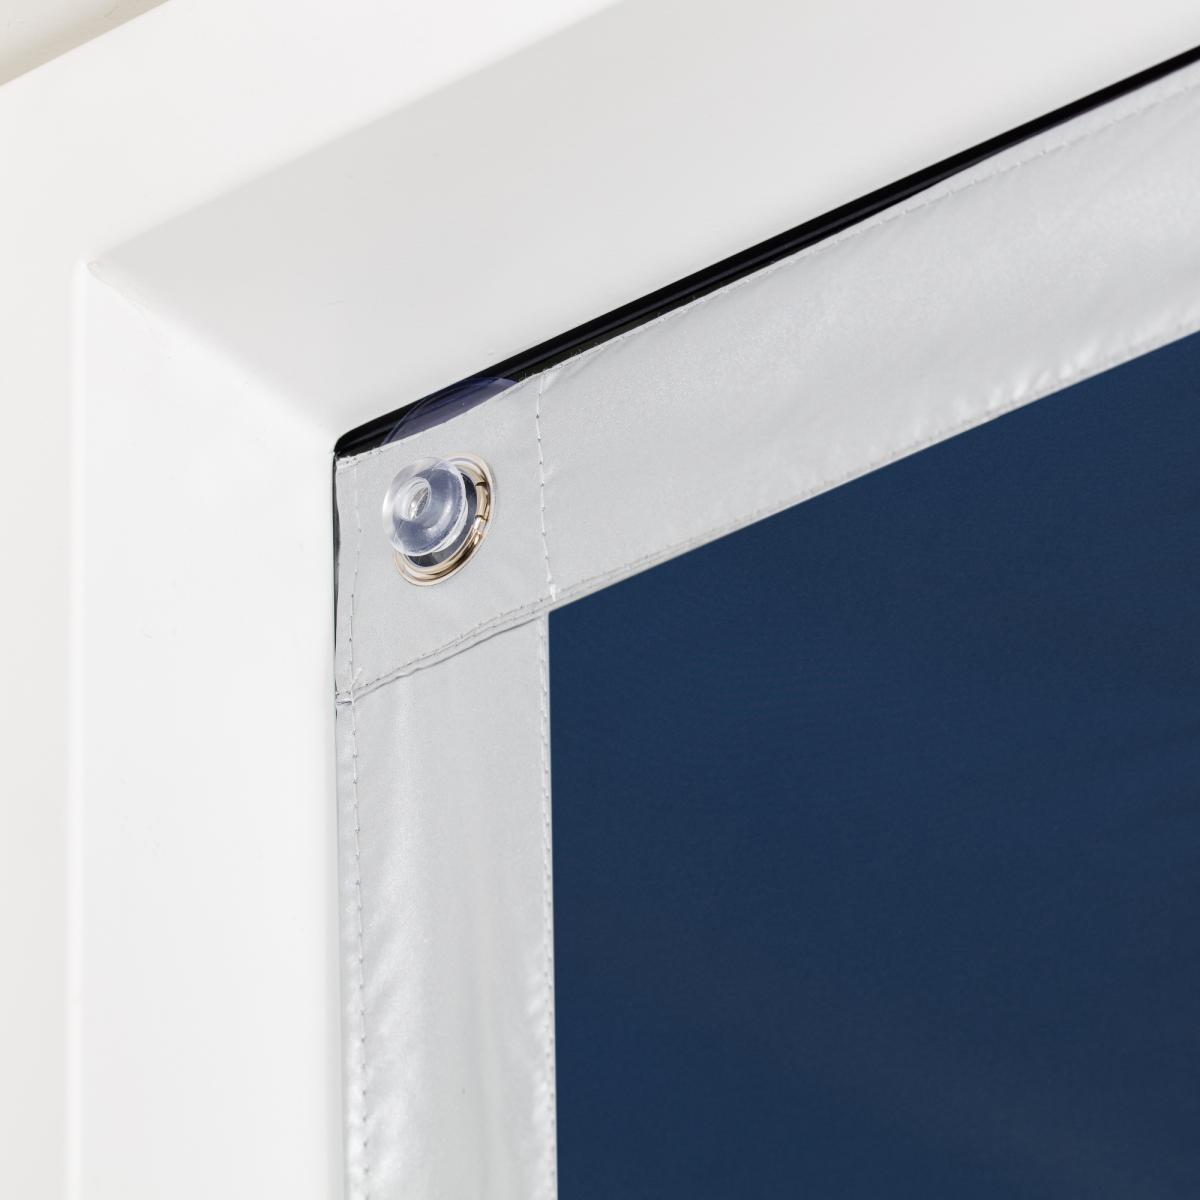 Bild 3 von Lichtblick Dachfenster Sonnenschutz Haftfix, ohne Bohren, Verdunkelung, Blau, 36 cm x 56,9 cm (B x L